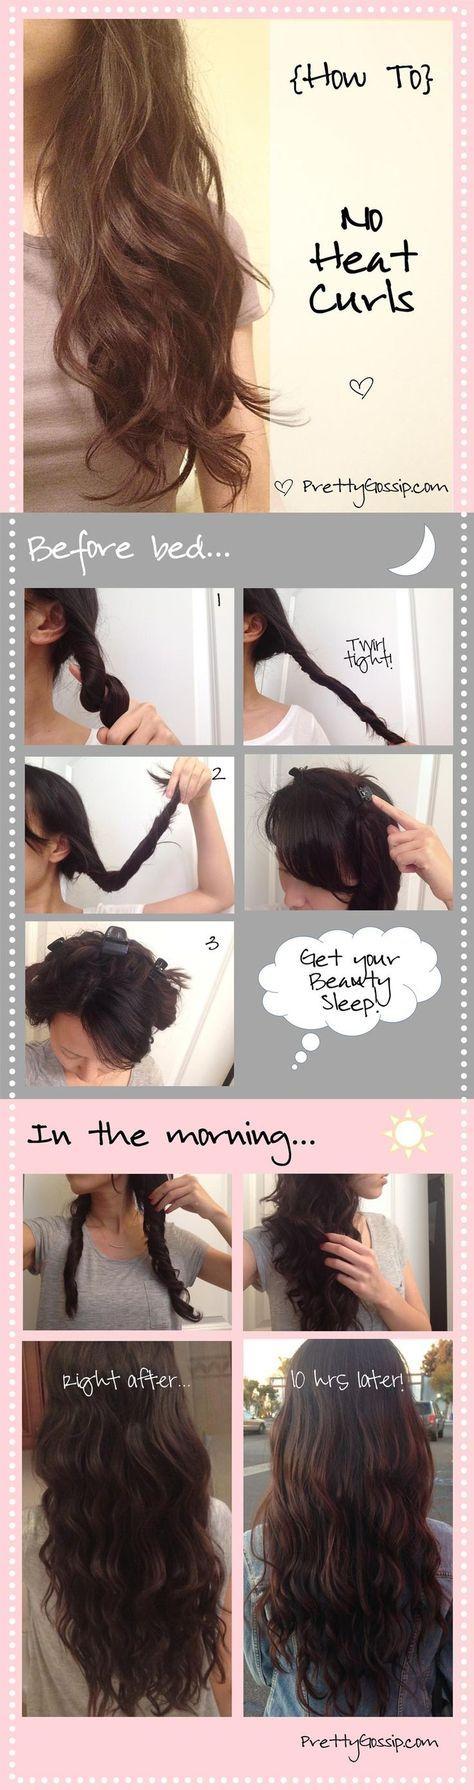 Top 10 DIY No Heat Curls - Top Inspired